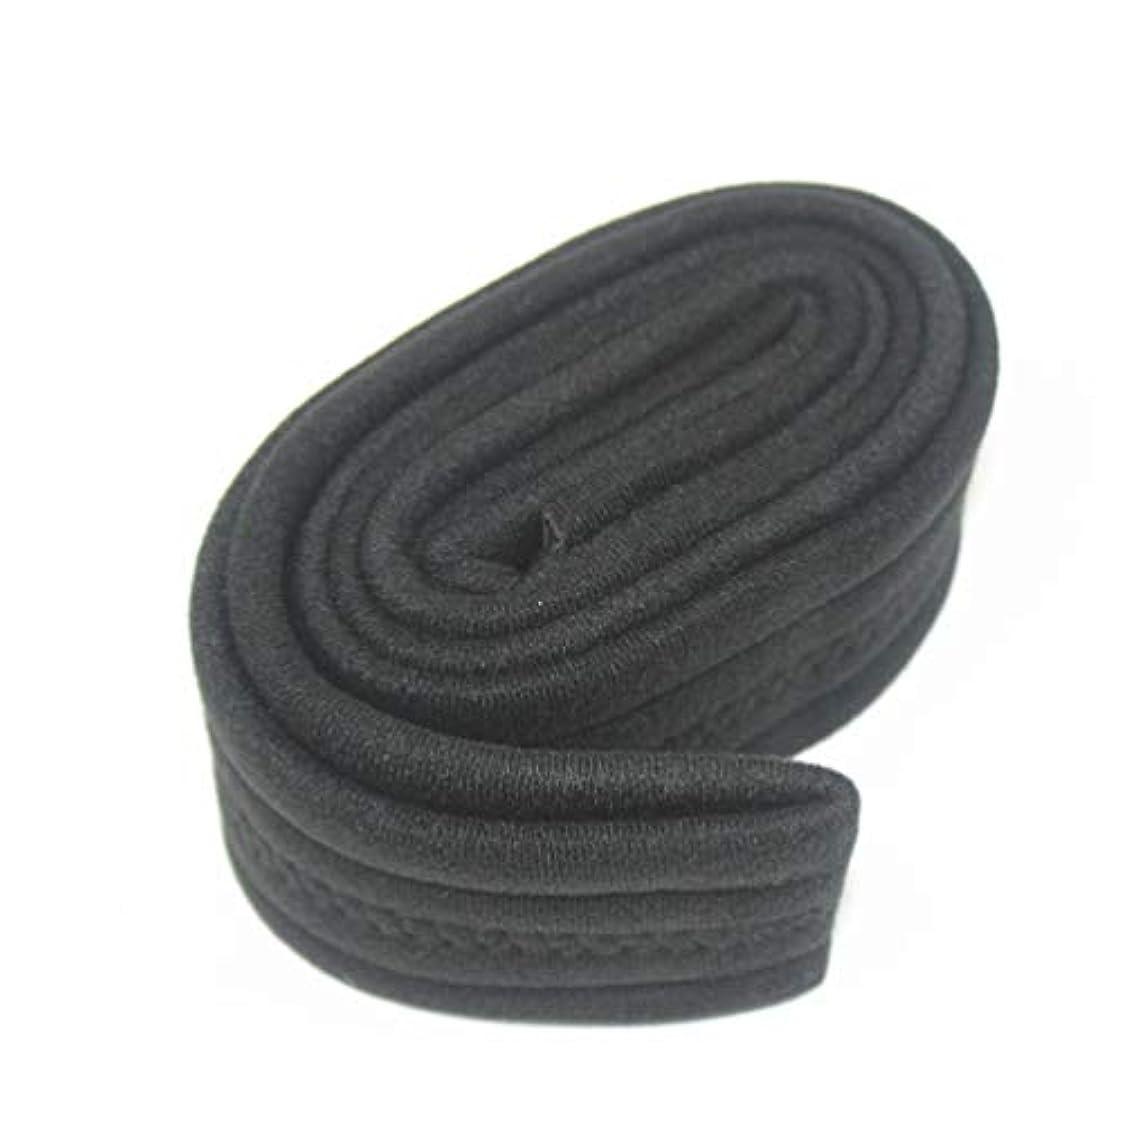 クレア吸収剤その結果SUPVOX アームリーダー アームホルダー 腕つり用サポーター 安定感 通気性良い 骨折 脱臼 脱臼時のギプス固定に 調節可能